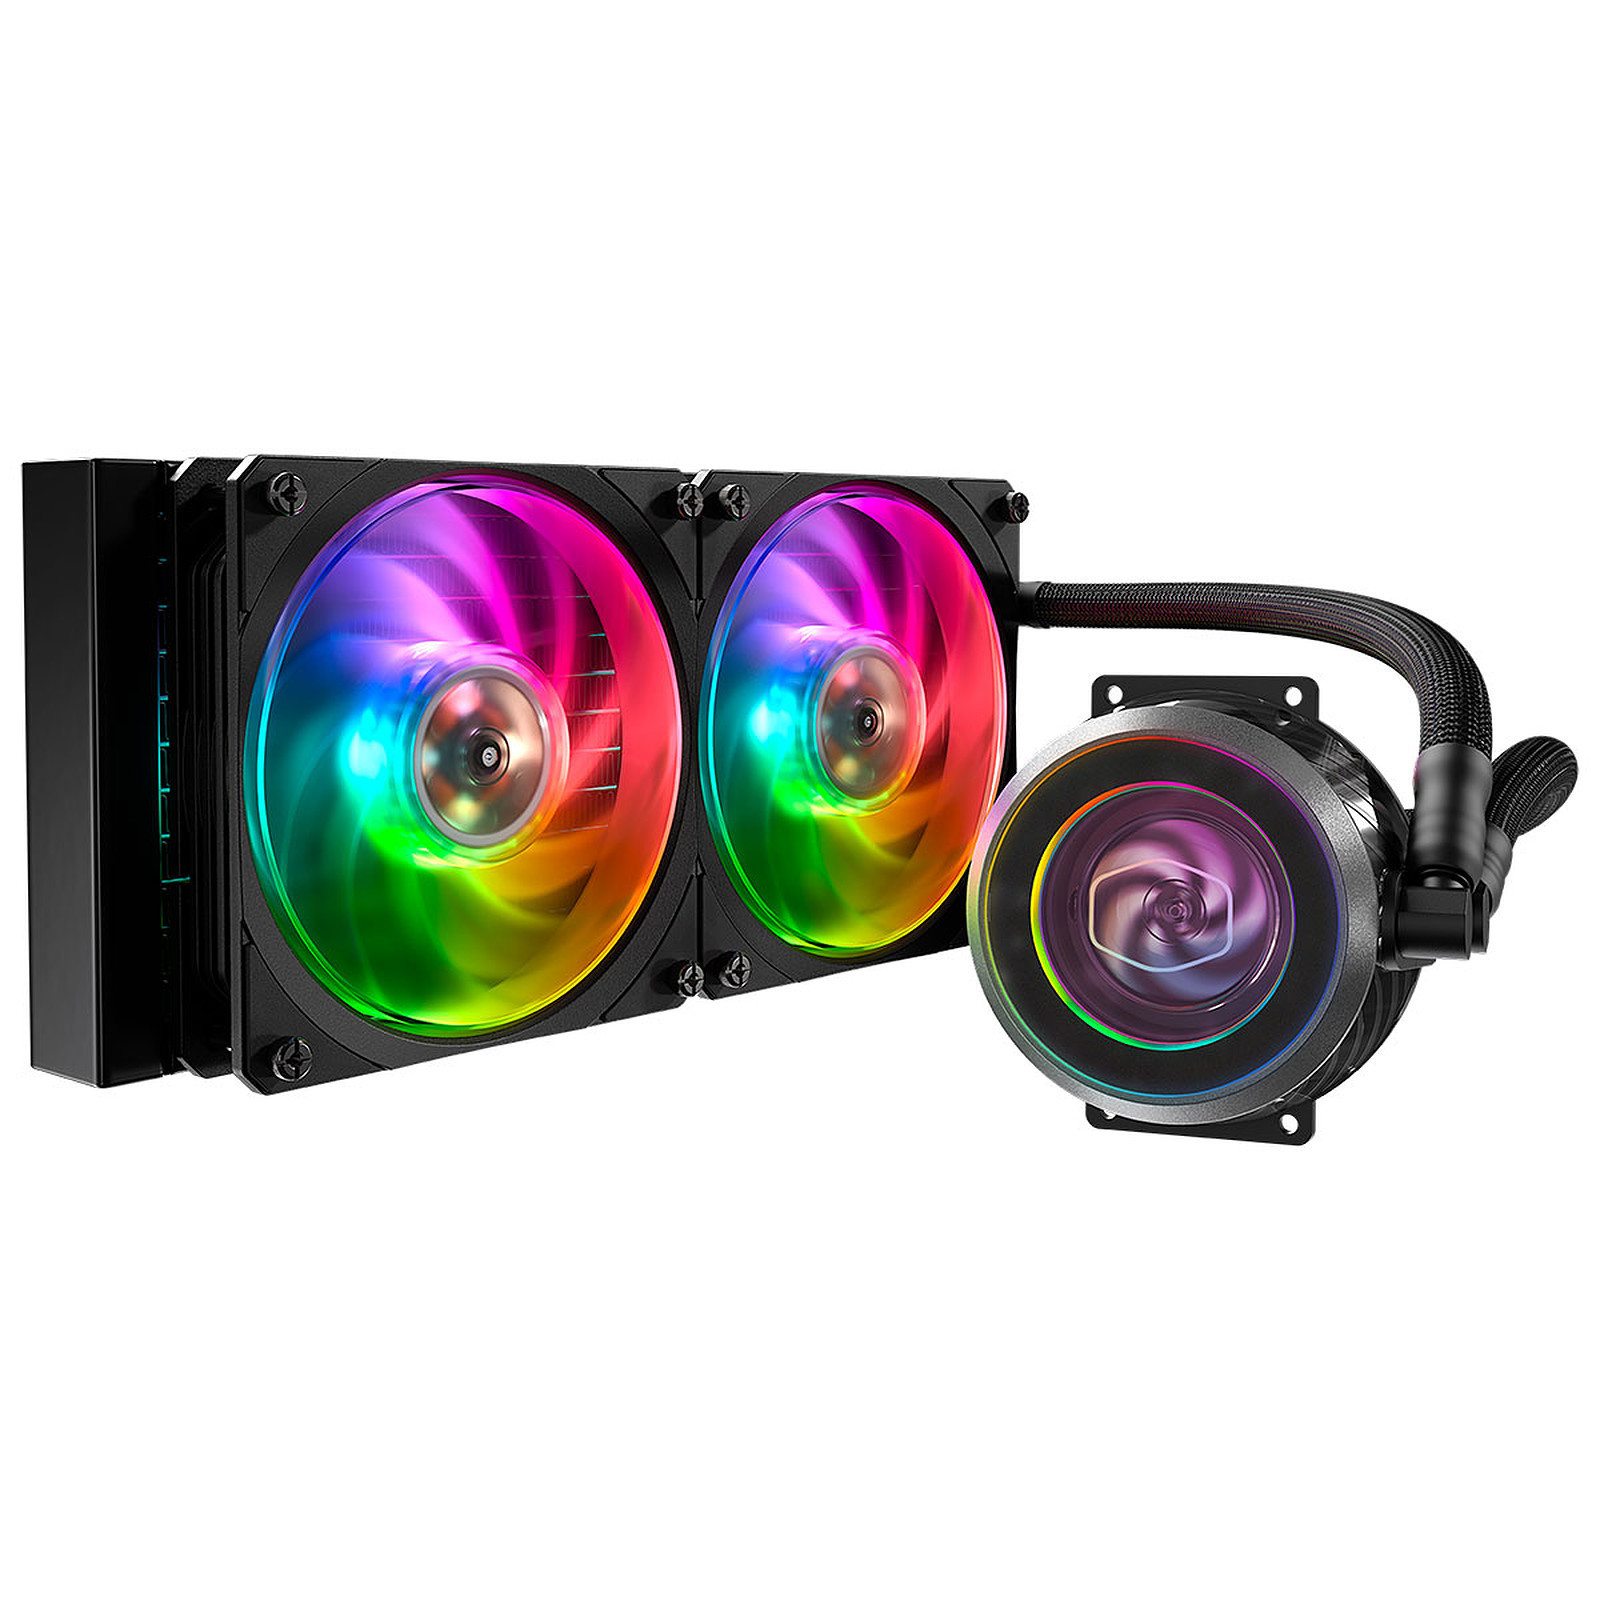 MasterLiquid ML240P Mirage - RGB - 240 mm